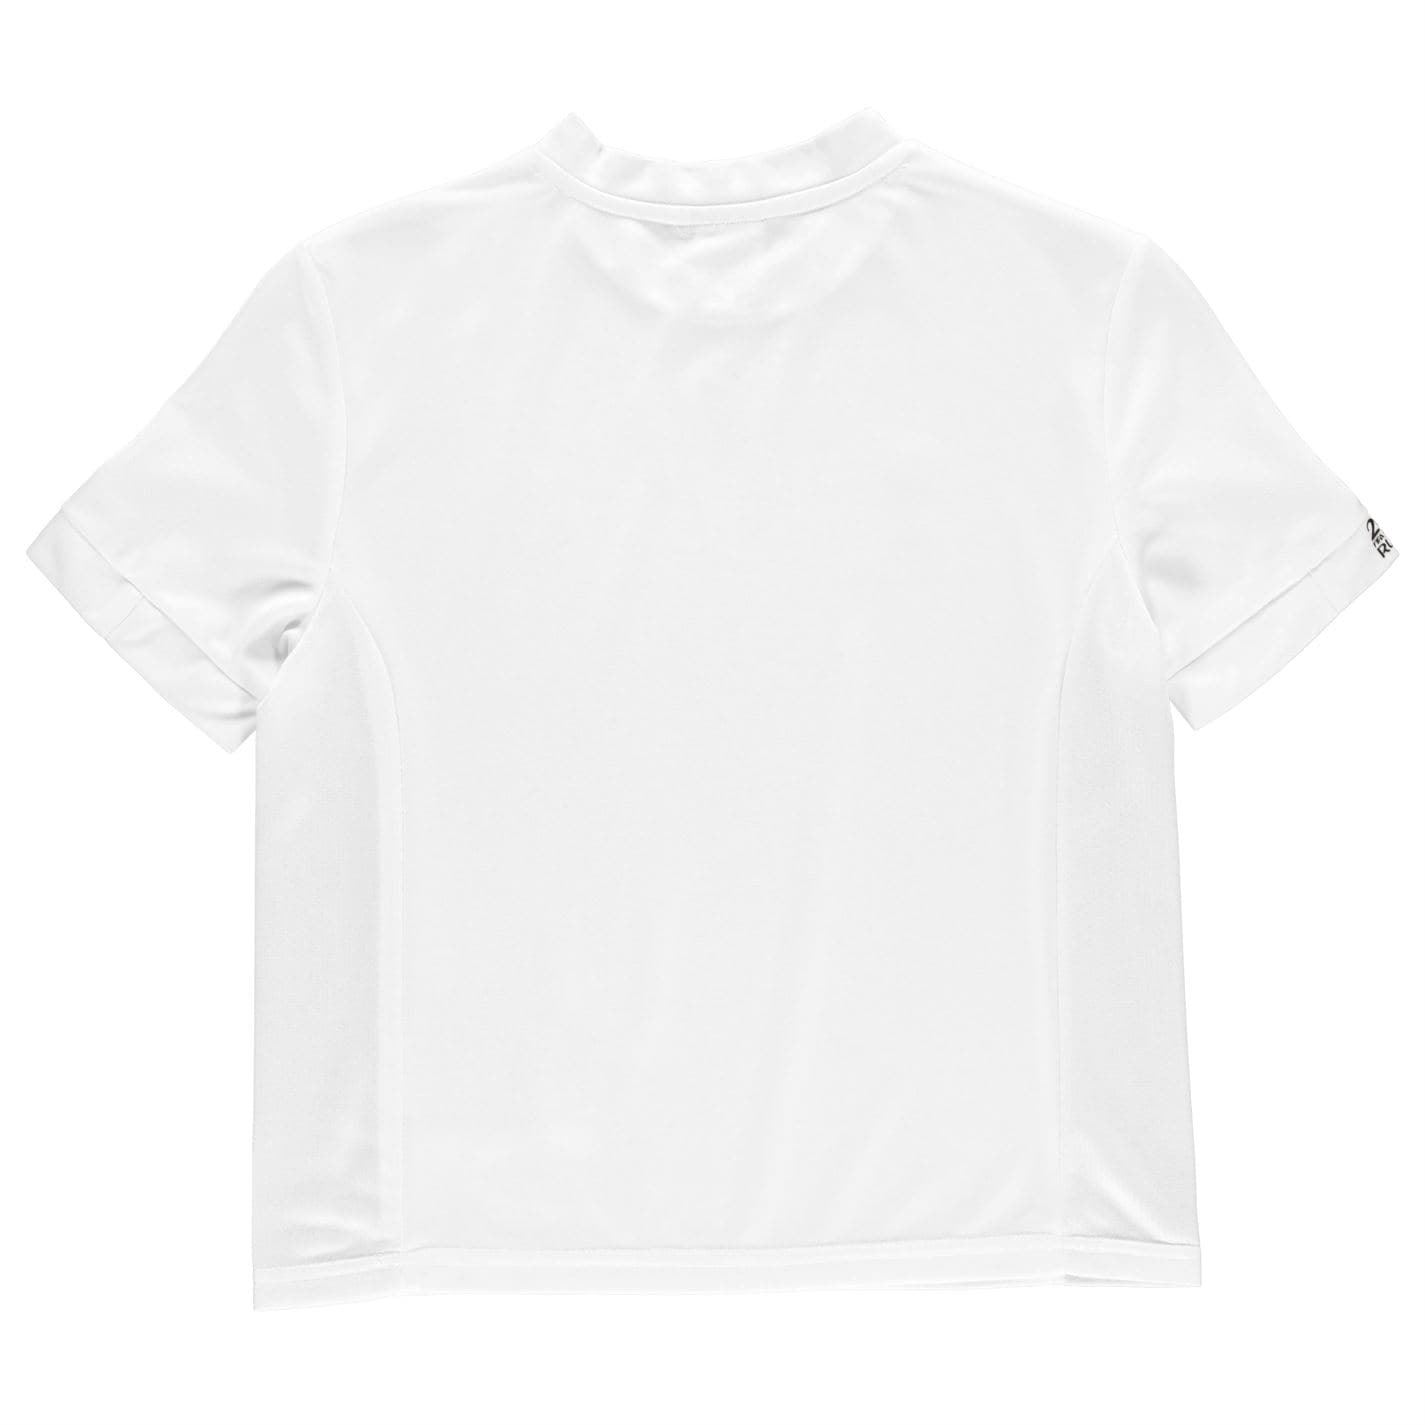 miniature 7 - FIFA Coupe du monde 2018 Angleterre T-Shirt Juniors FOOTBALL SOCCER top tee shirt